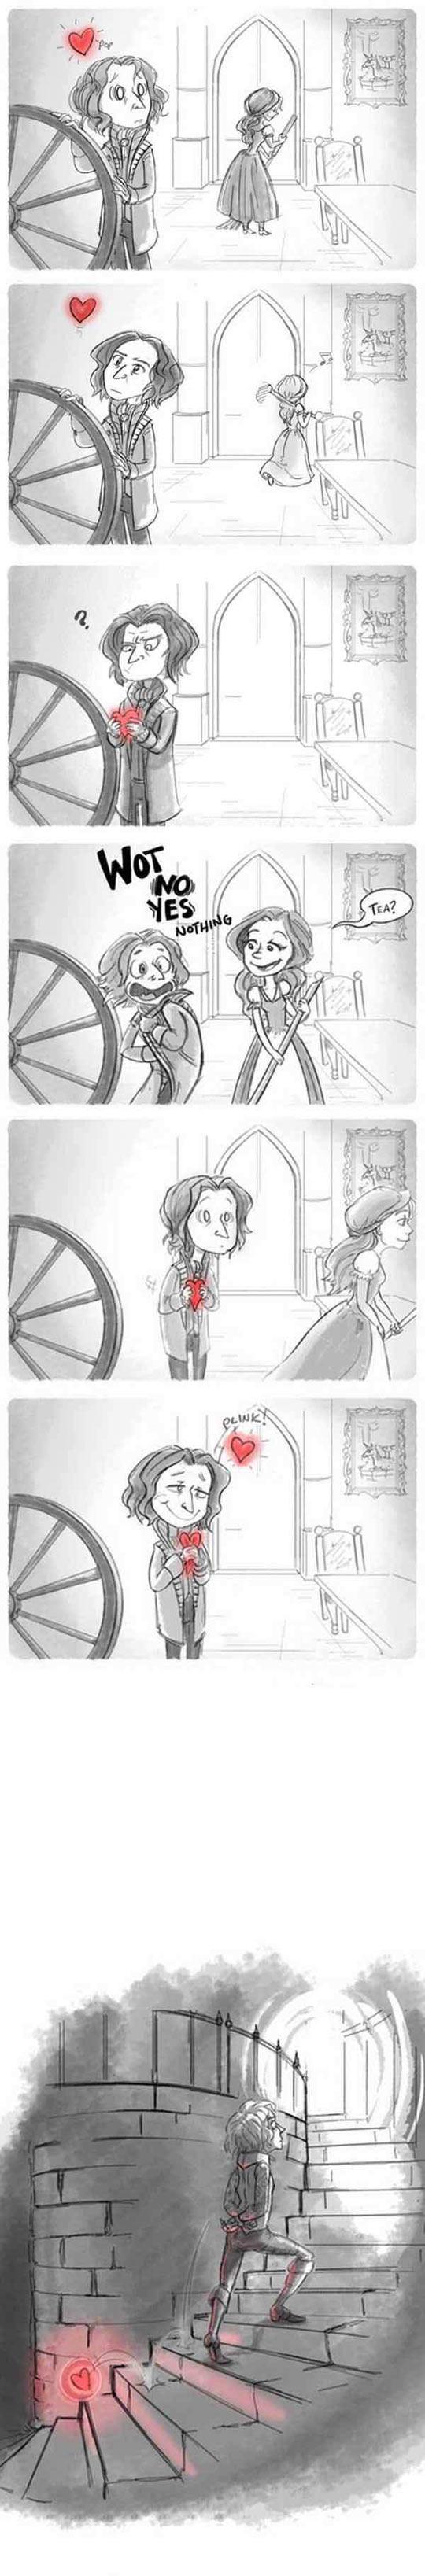 funny-story-hearts-fell-love-girl